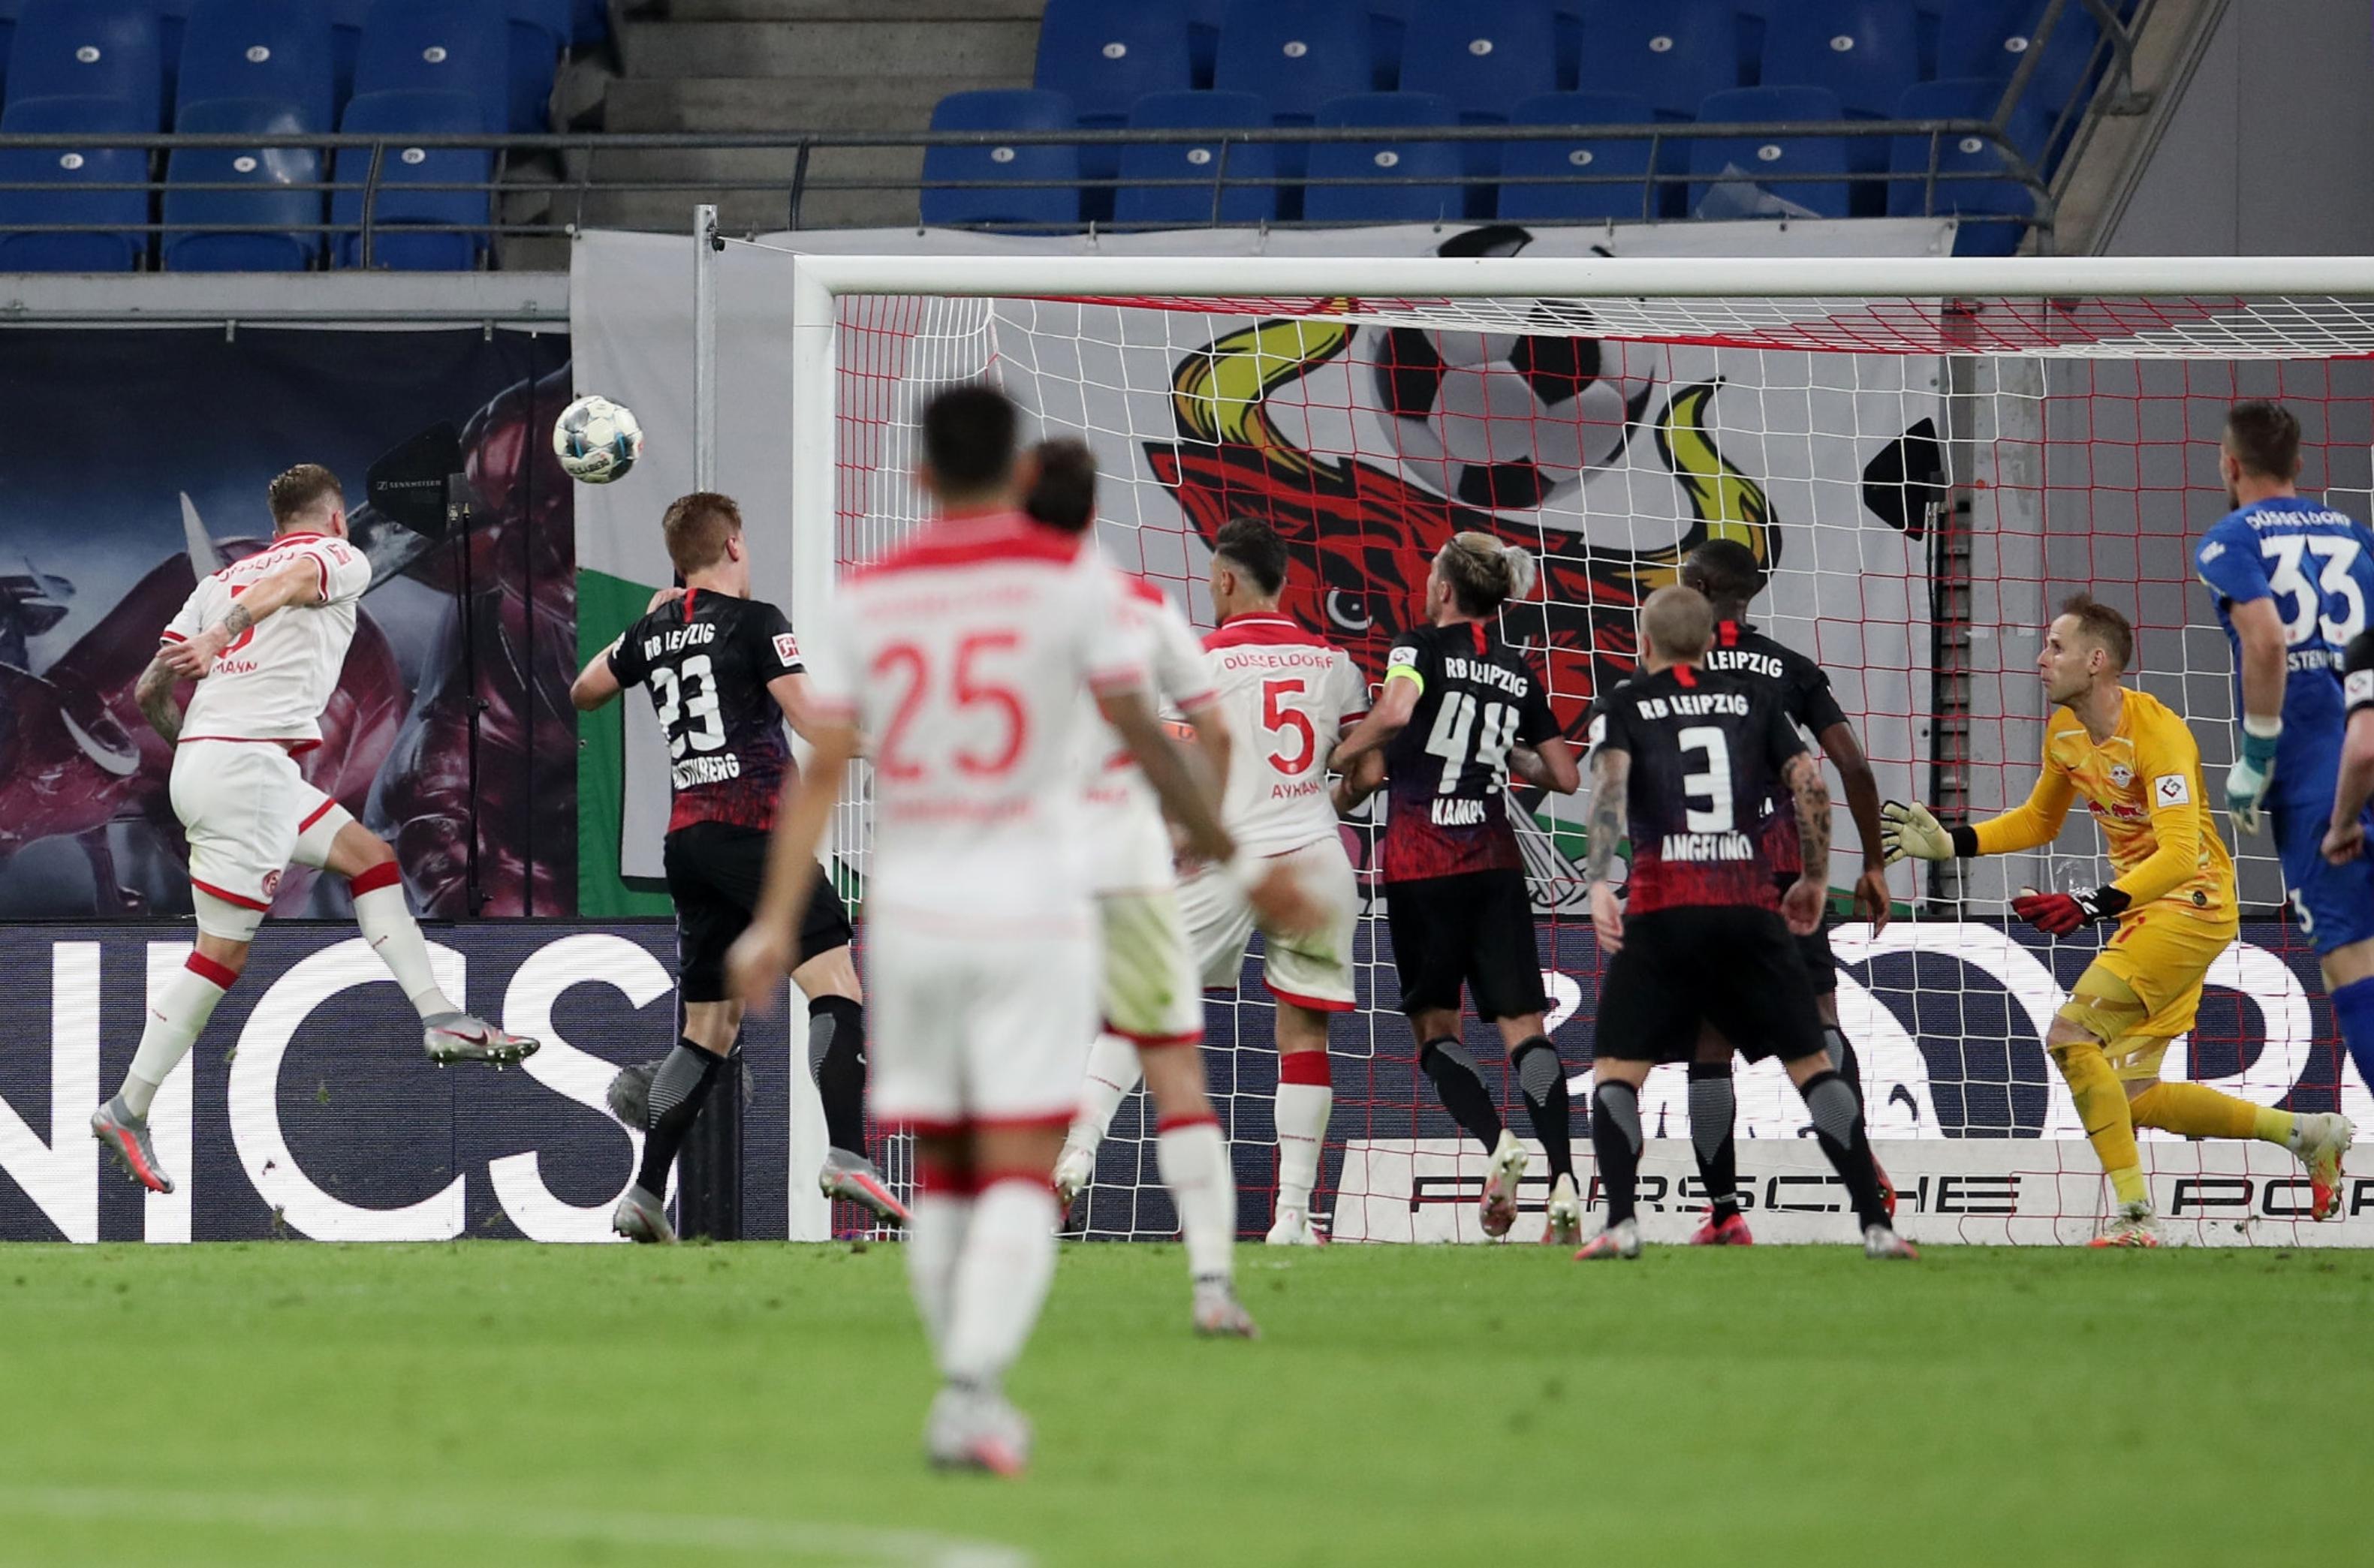 Бундеслига. Дортмунд безвольно проиграл Майнцу, подвиг Фортуны в игре с Лейпцигом, победа Байера в дерби - изображение 2